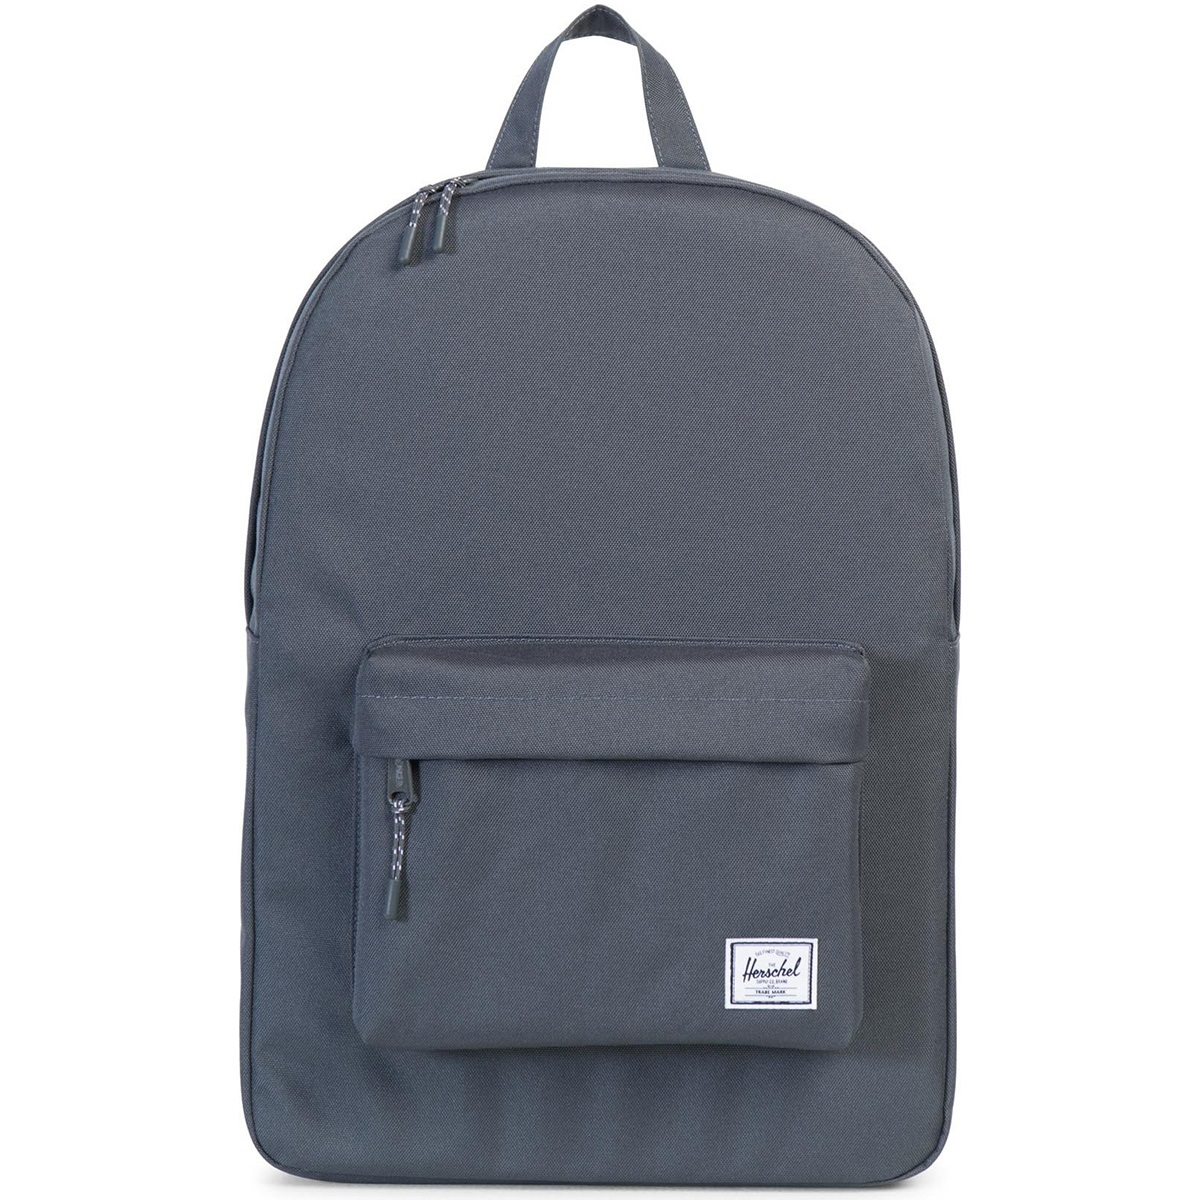 Рюкзак городской Herschel Classic (A/S), цвет: черный. 828432004973MHDR2G/AРюкзак Herschel Classic целиком и полностью оправдывает свое название, выражая совершенство в лаконичных и идеальных линиях. Этот рюкзак создан для любых целей и поездок и отлично впишется в абсолютно любой стиль. Основное отделение закрывается на застежку-молнию. Внешняя сторона дополнена накладным карманом на застежке-молнии. Лямки регулируются, что позволяет менять положение рюкзака на спине.